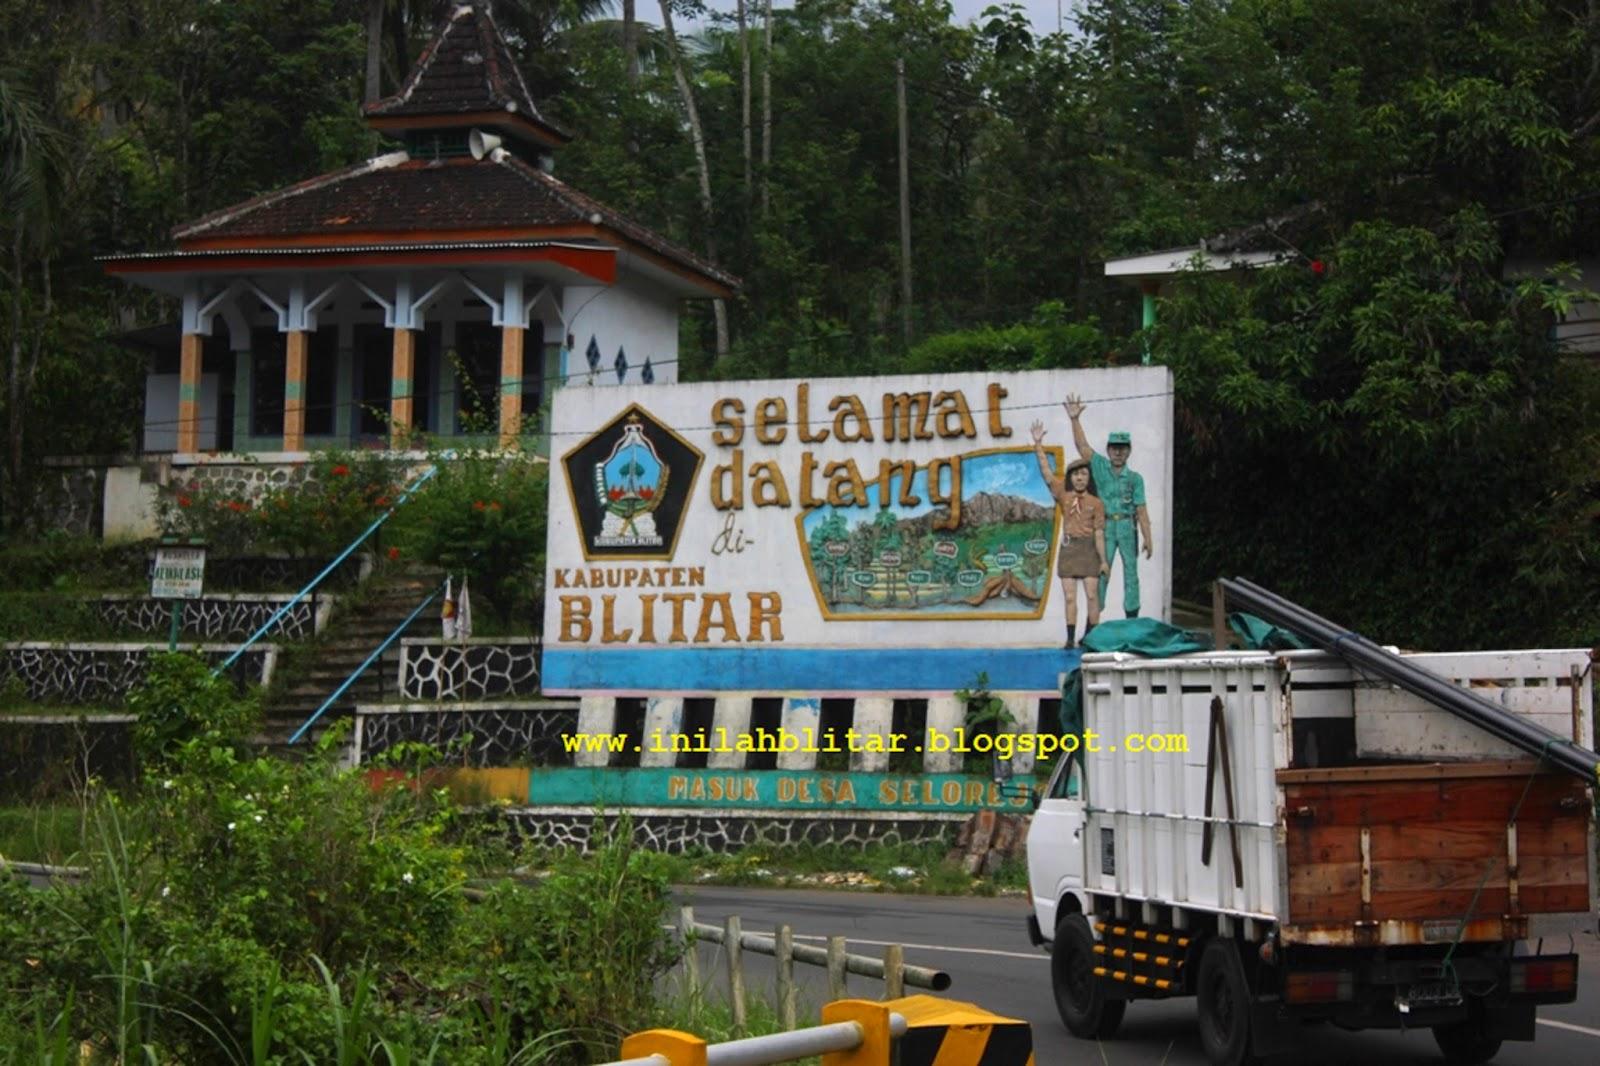 Inilah Blitar Datang Gerbang Masuk Ujung Timur Wilayah Kabupaten Menghubungkan